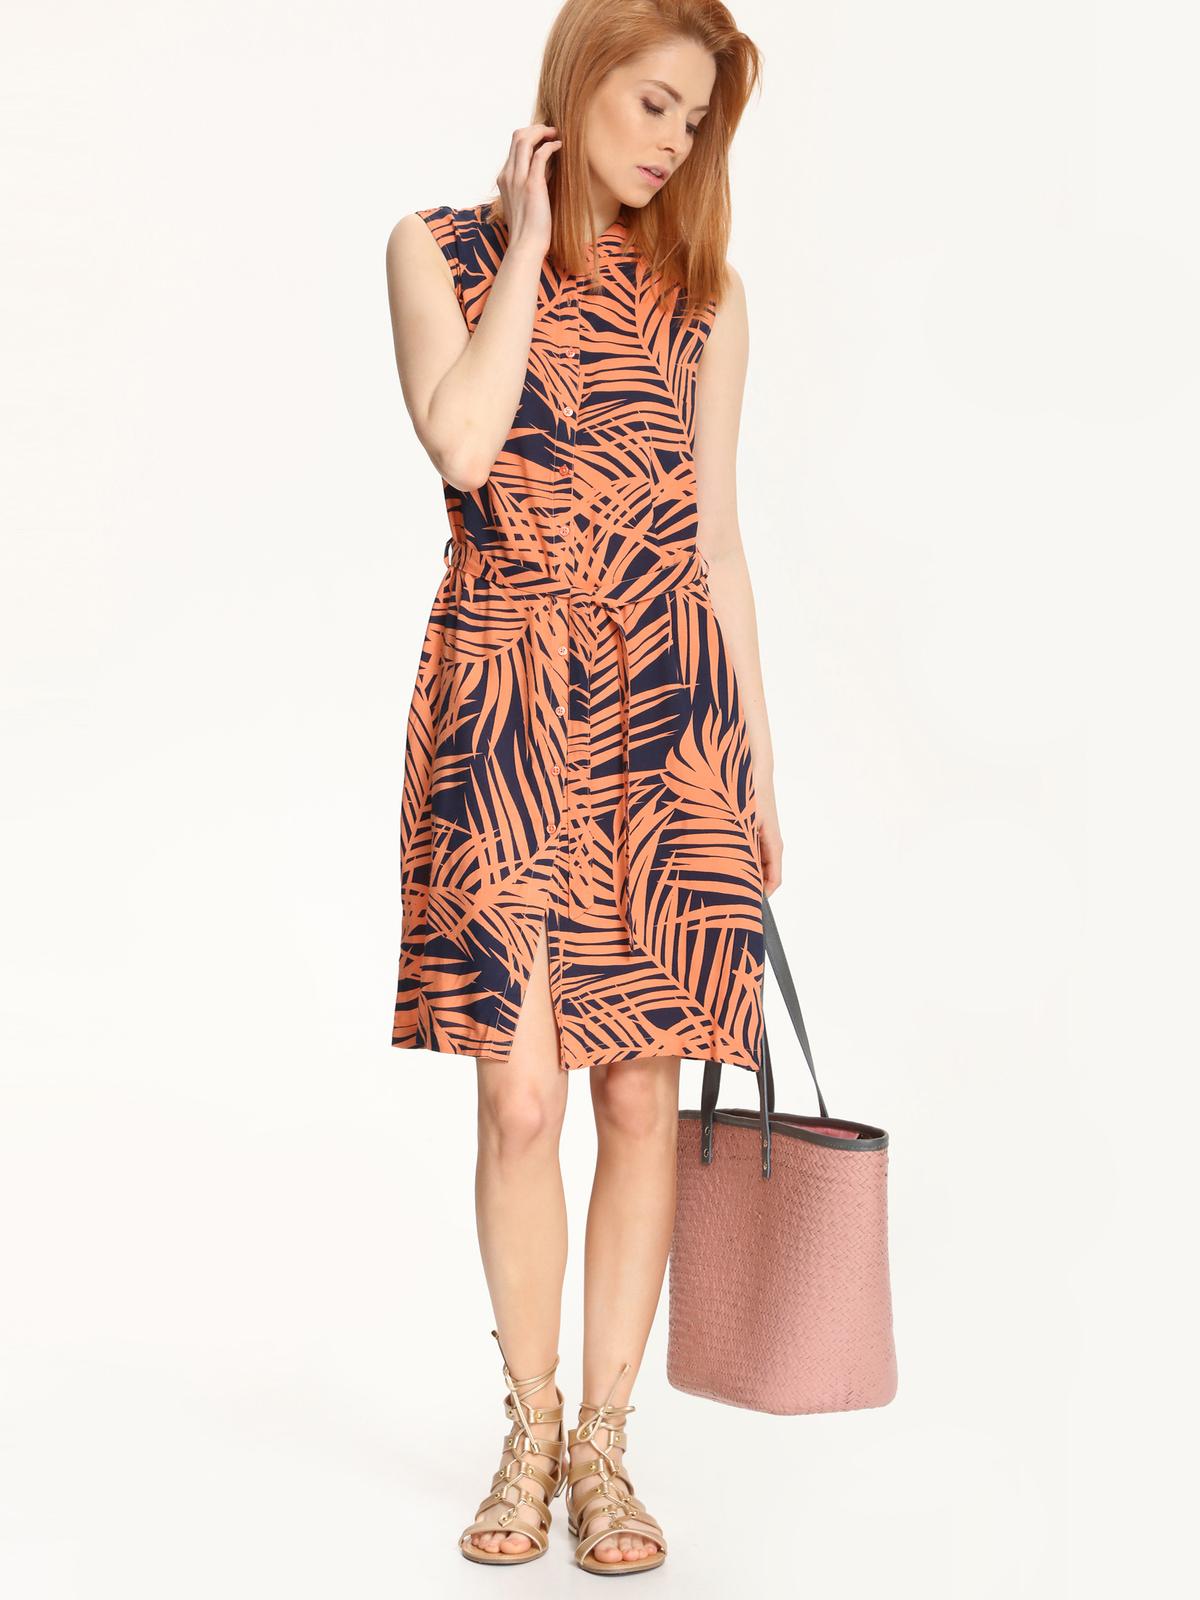 ПлатьеSSU1589BIЭлегантное платье Top Secret, изготовленное из высококачественной вискозы, оно приятное на ощупь не раздражает кожу и хорошо вентилируется. Модель с круглым вырезом горловины без рукавов застегивается спереди по всей длине на застежки-пуговицы. По бокам платье дополнено двумя втачными карманами, а в поясе имеет шлевки для ремня и небольшой контрастный ремешок. Оформлено изделие оригинальным принтом.